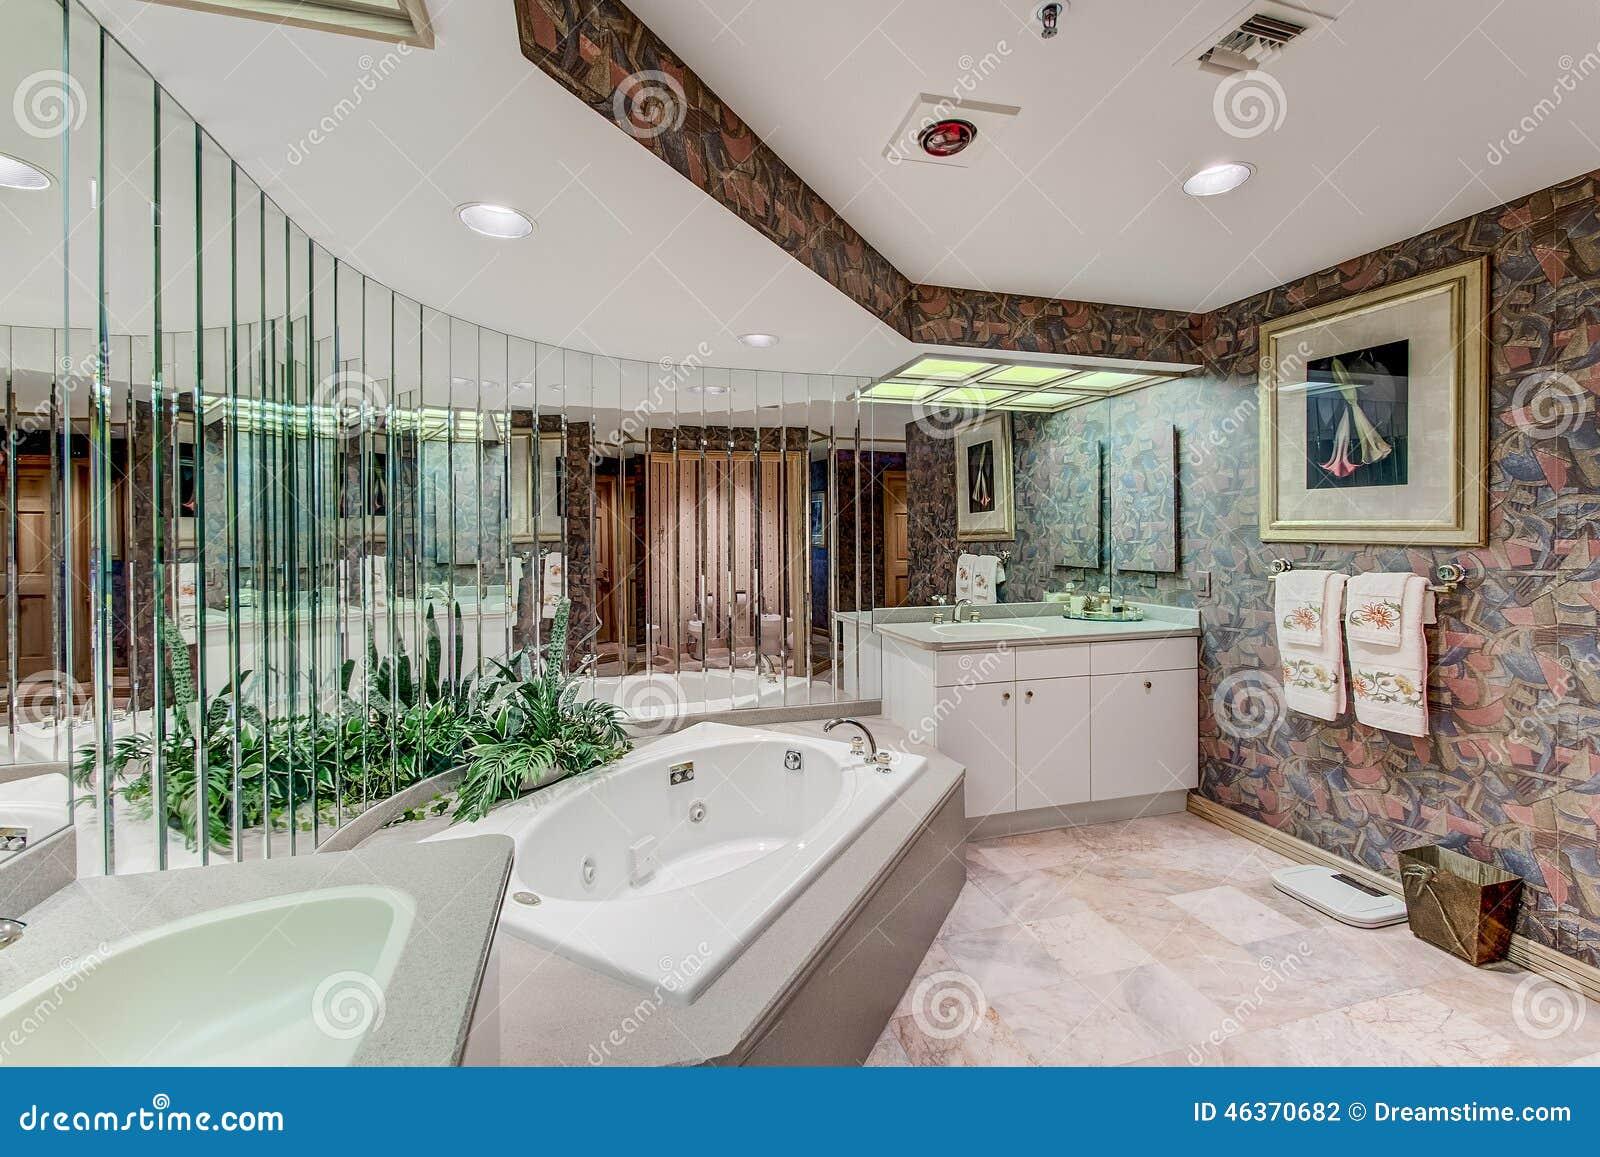 Florida luxury condo bathroom with mirror wall stock photo for Miroir mural salle de bain